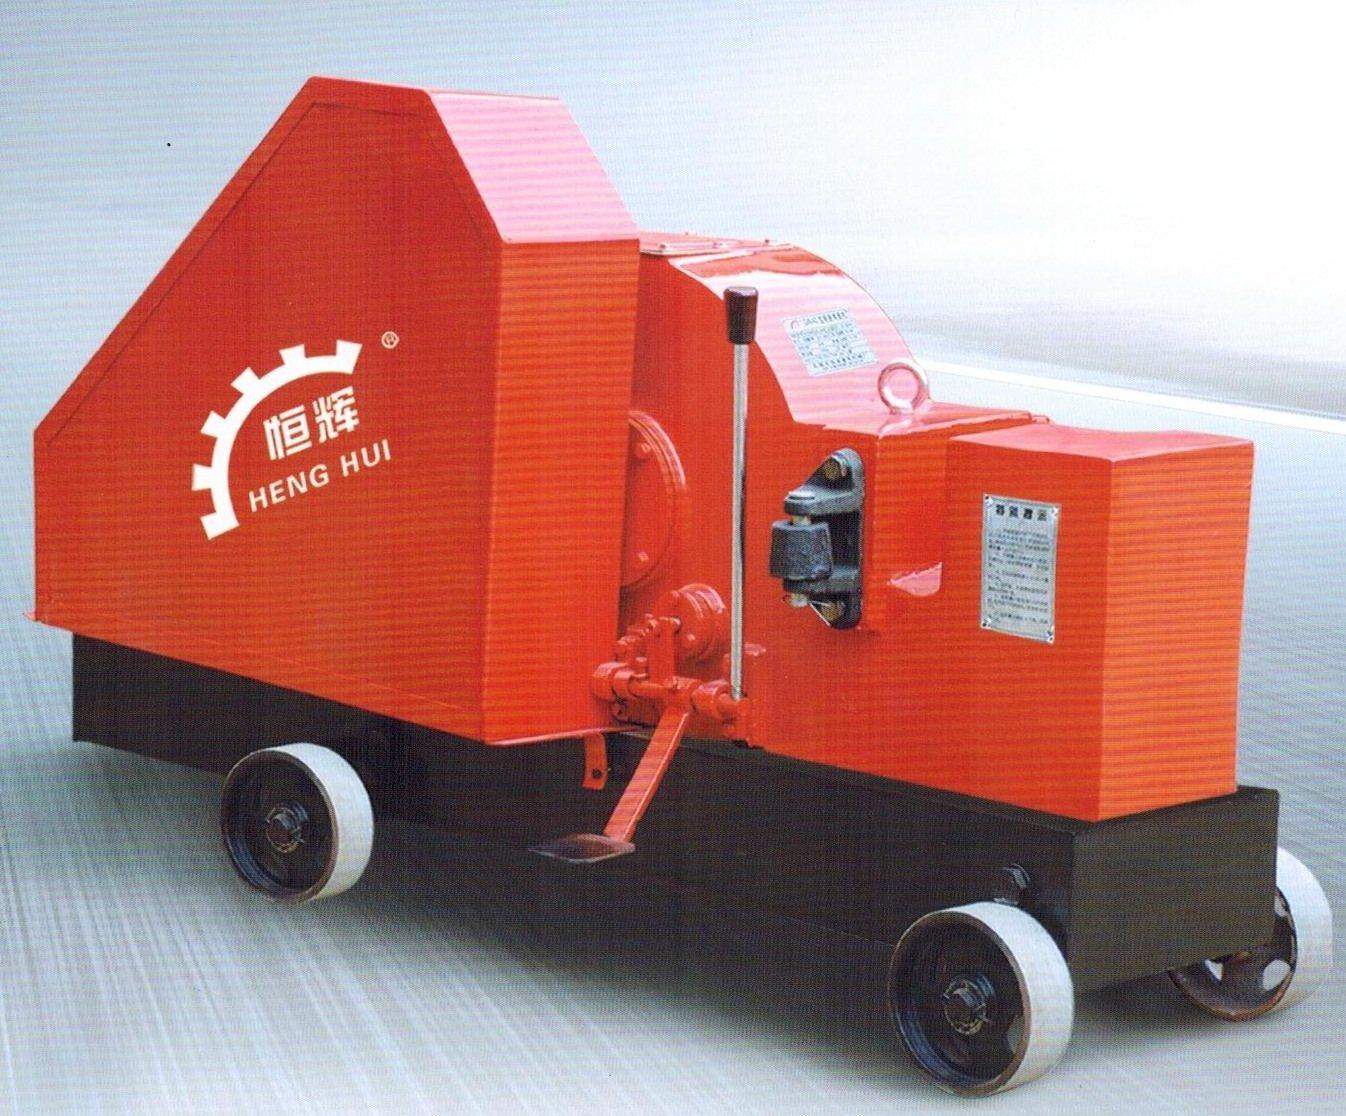 Máy cắt sắt Heng Hui GQ50D